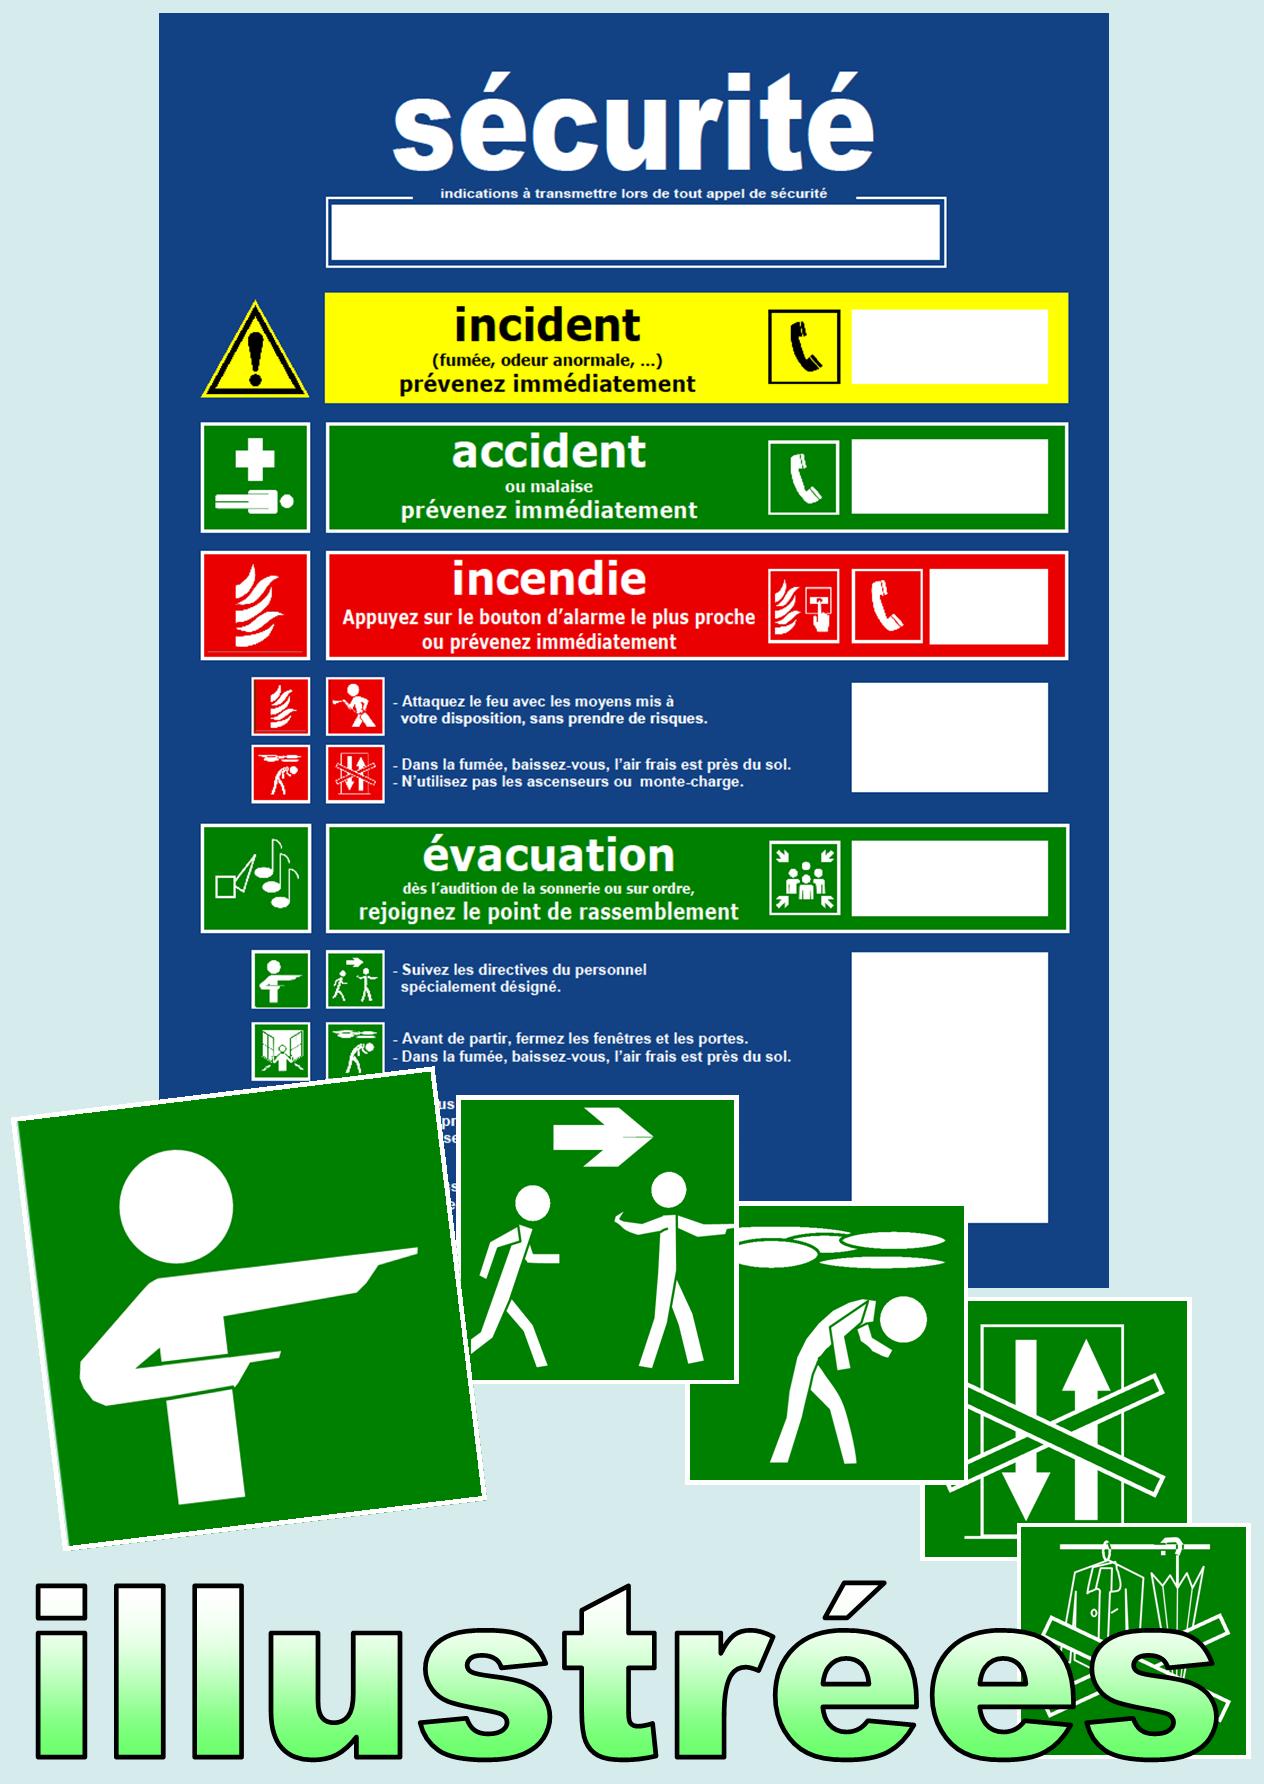 Ffiches et consignes de sécurité illustrées